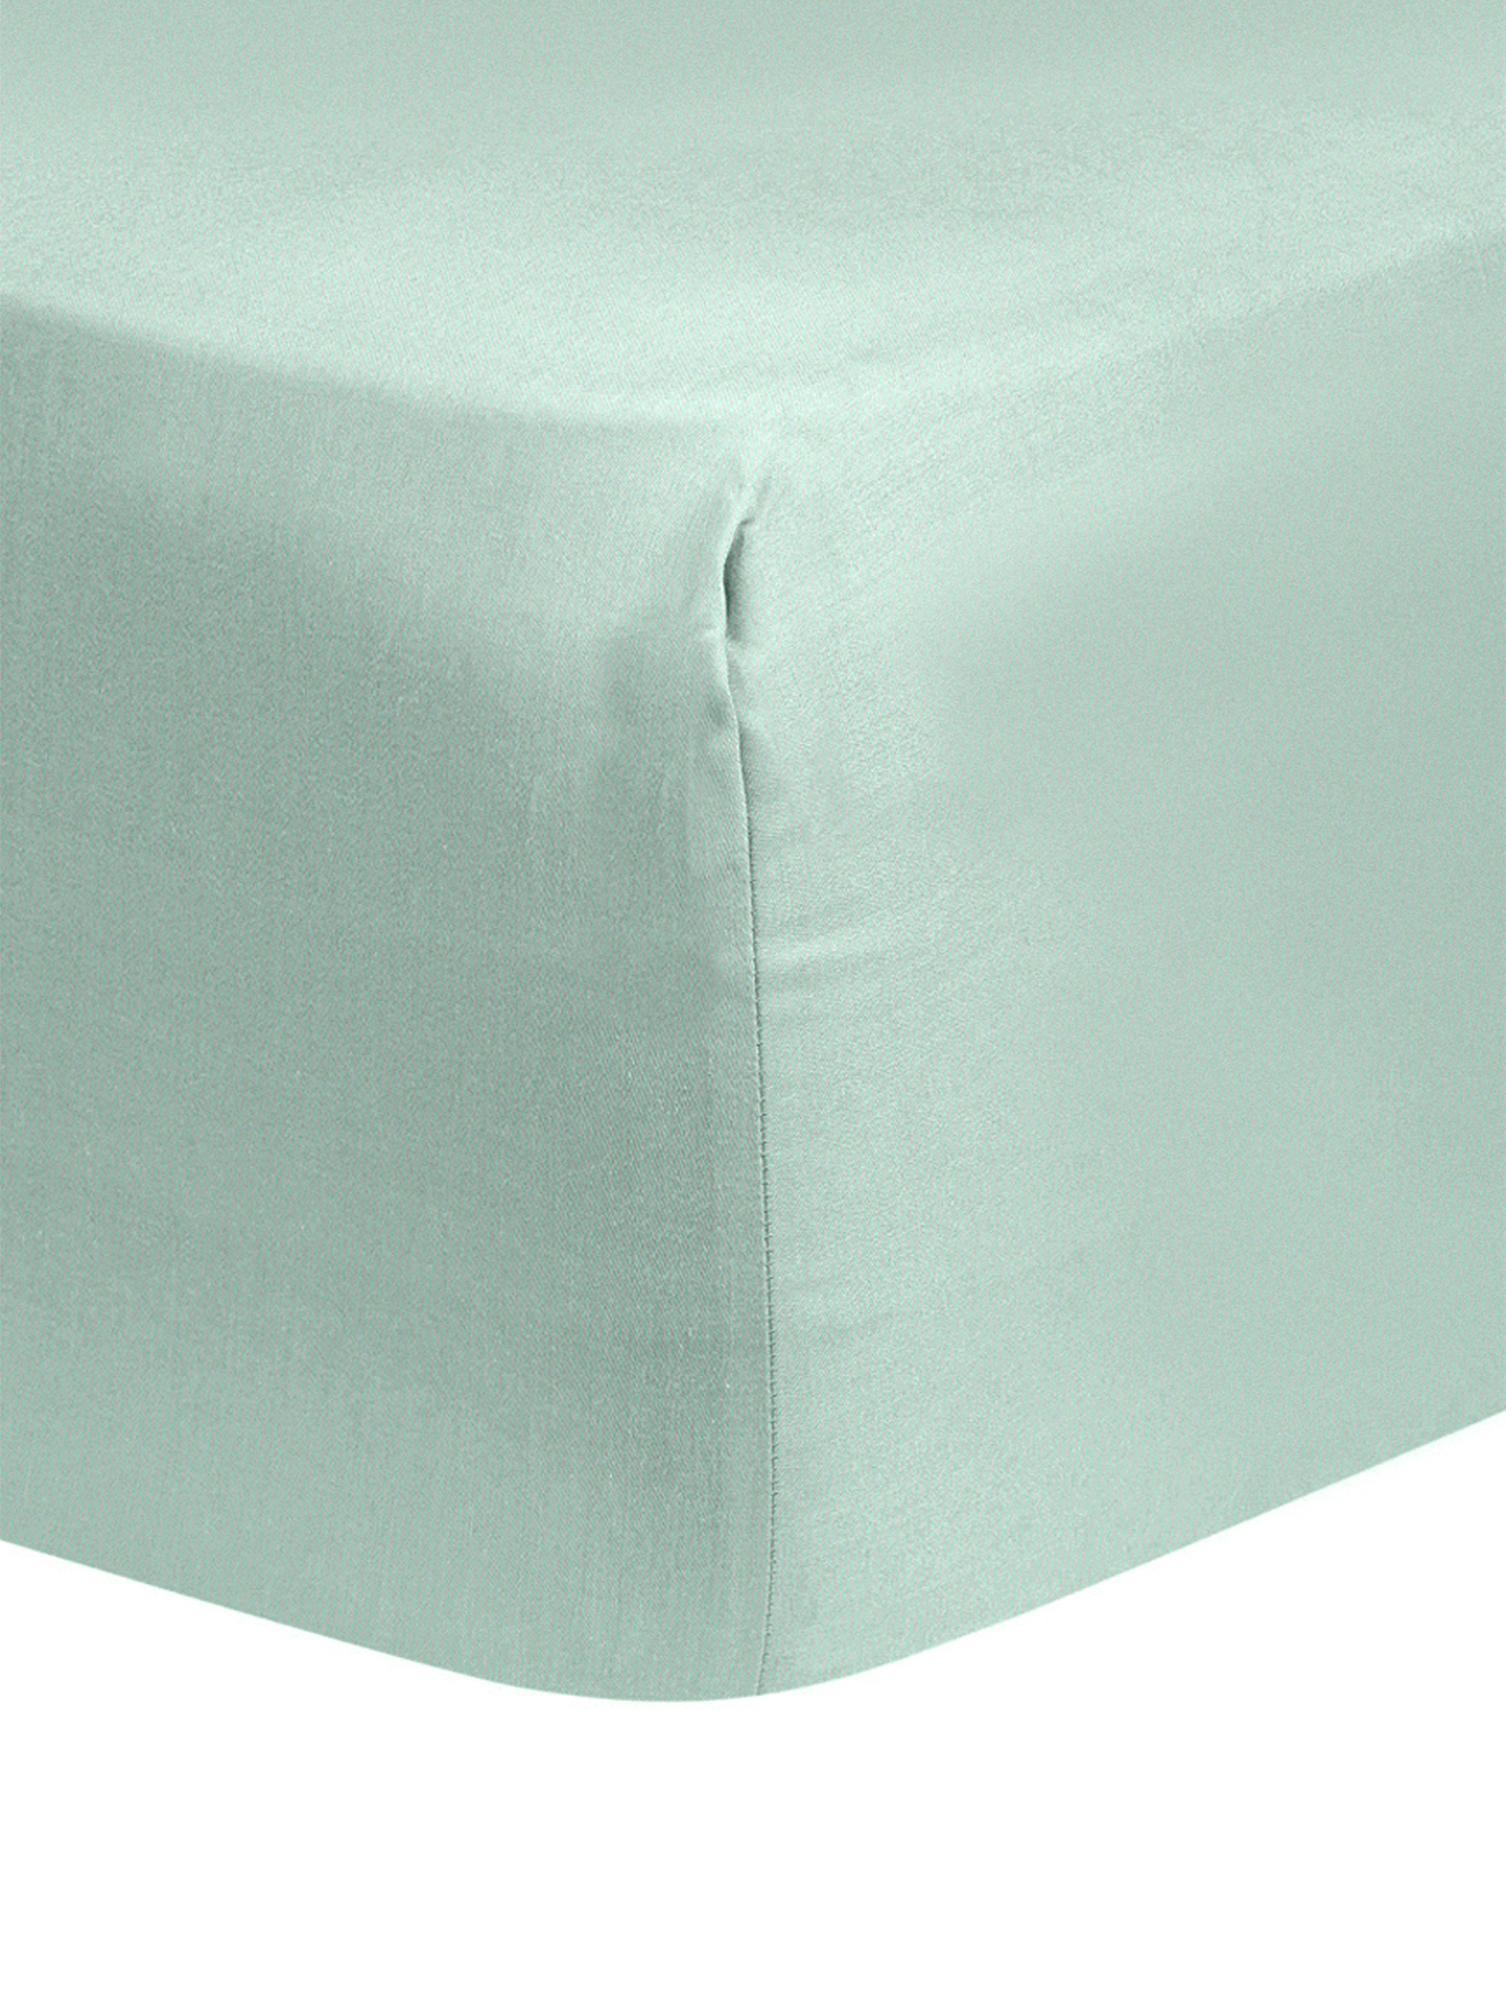 Spannbettlaken Comfort, Baumwollsatin, Webart: Satin, leicht glänzend, Salbeigrün, 160 x 200 cm